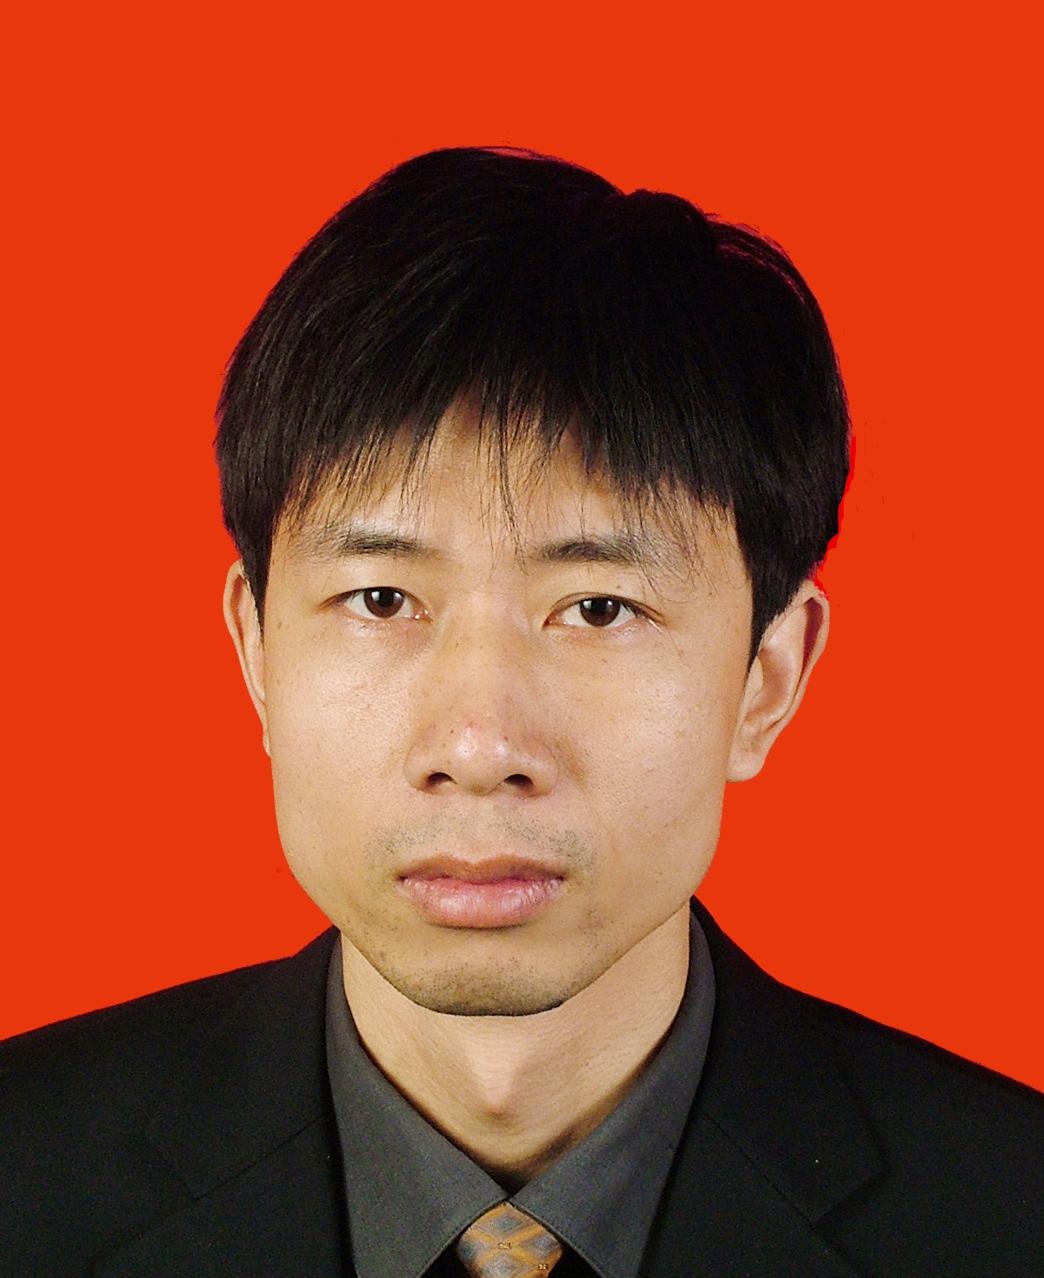 刘文杰_360百科